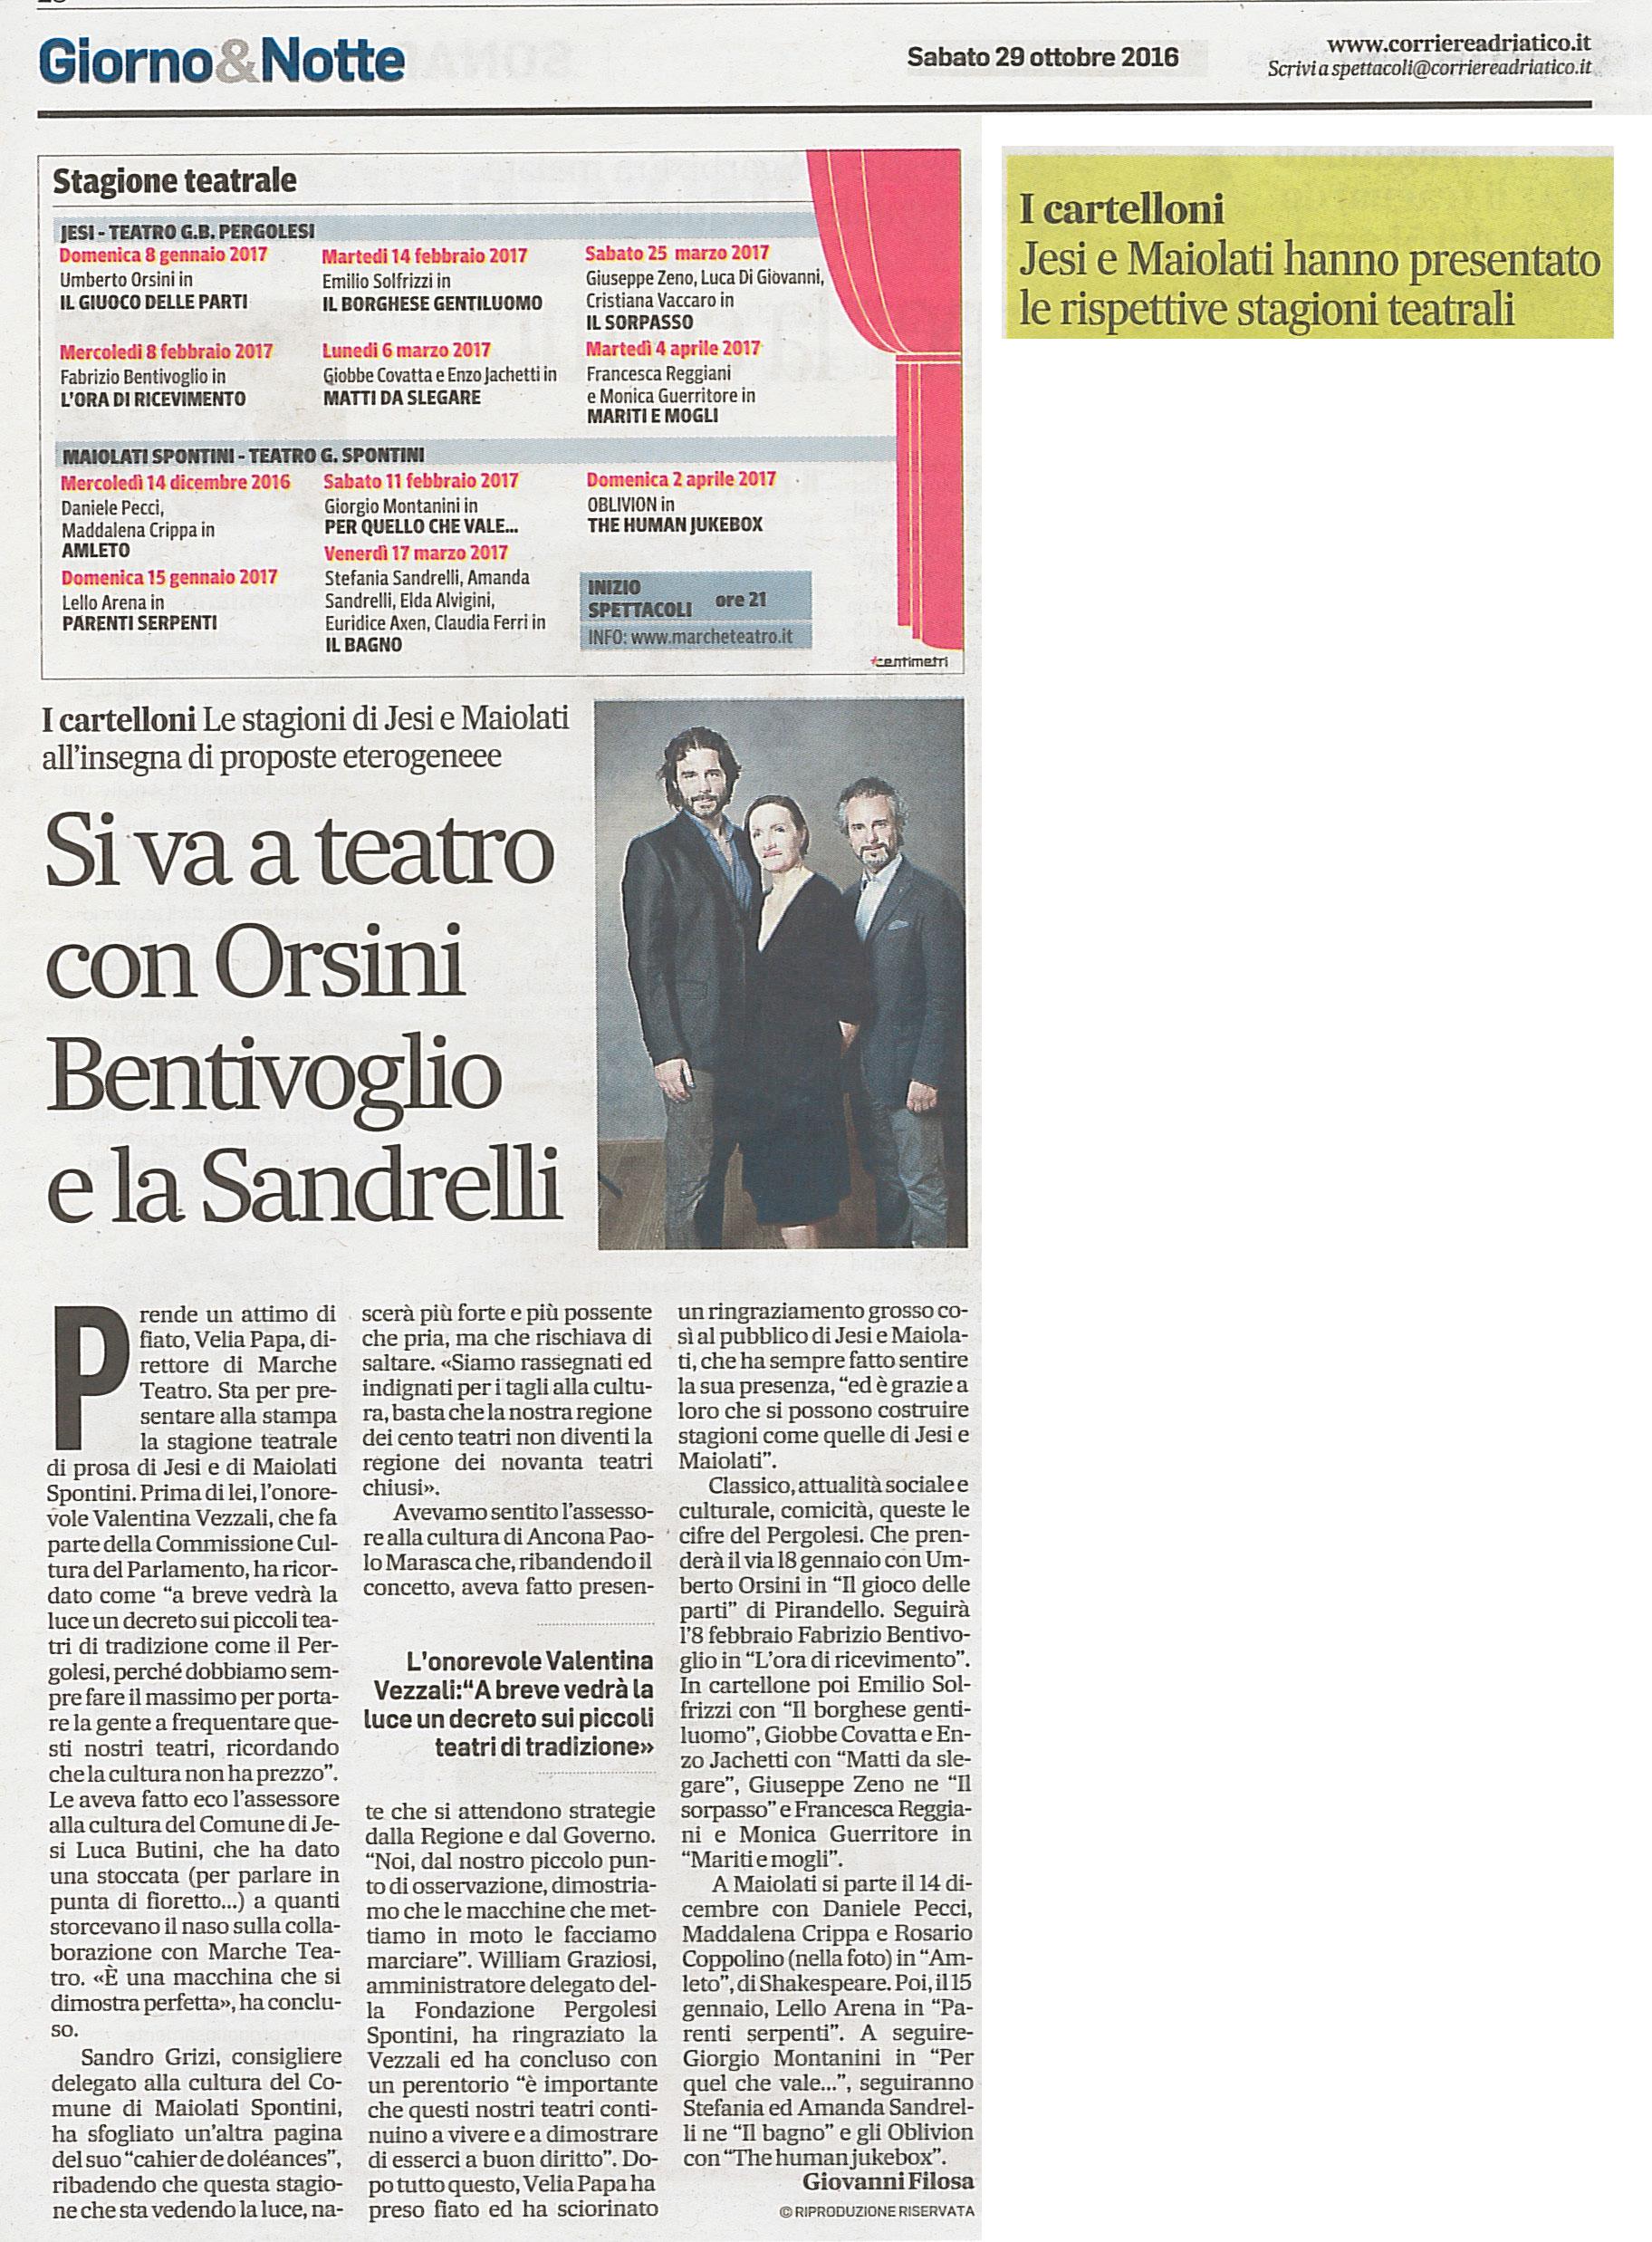 2016_10_29_-si-va-a-teatro-con-orsini-bentivoglio-e-la-sandrelli_corriere-adriatico